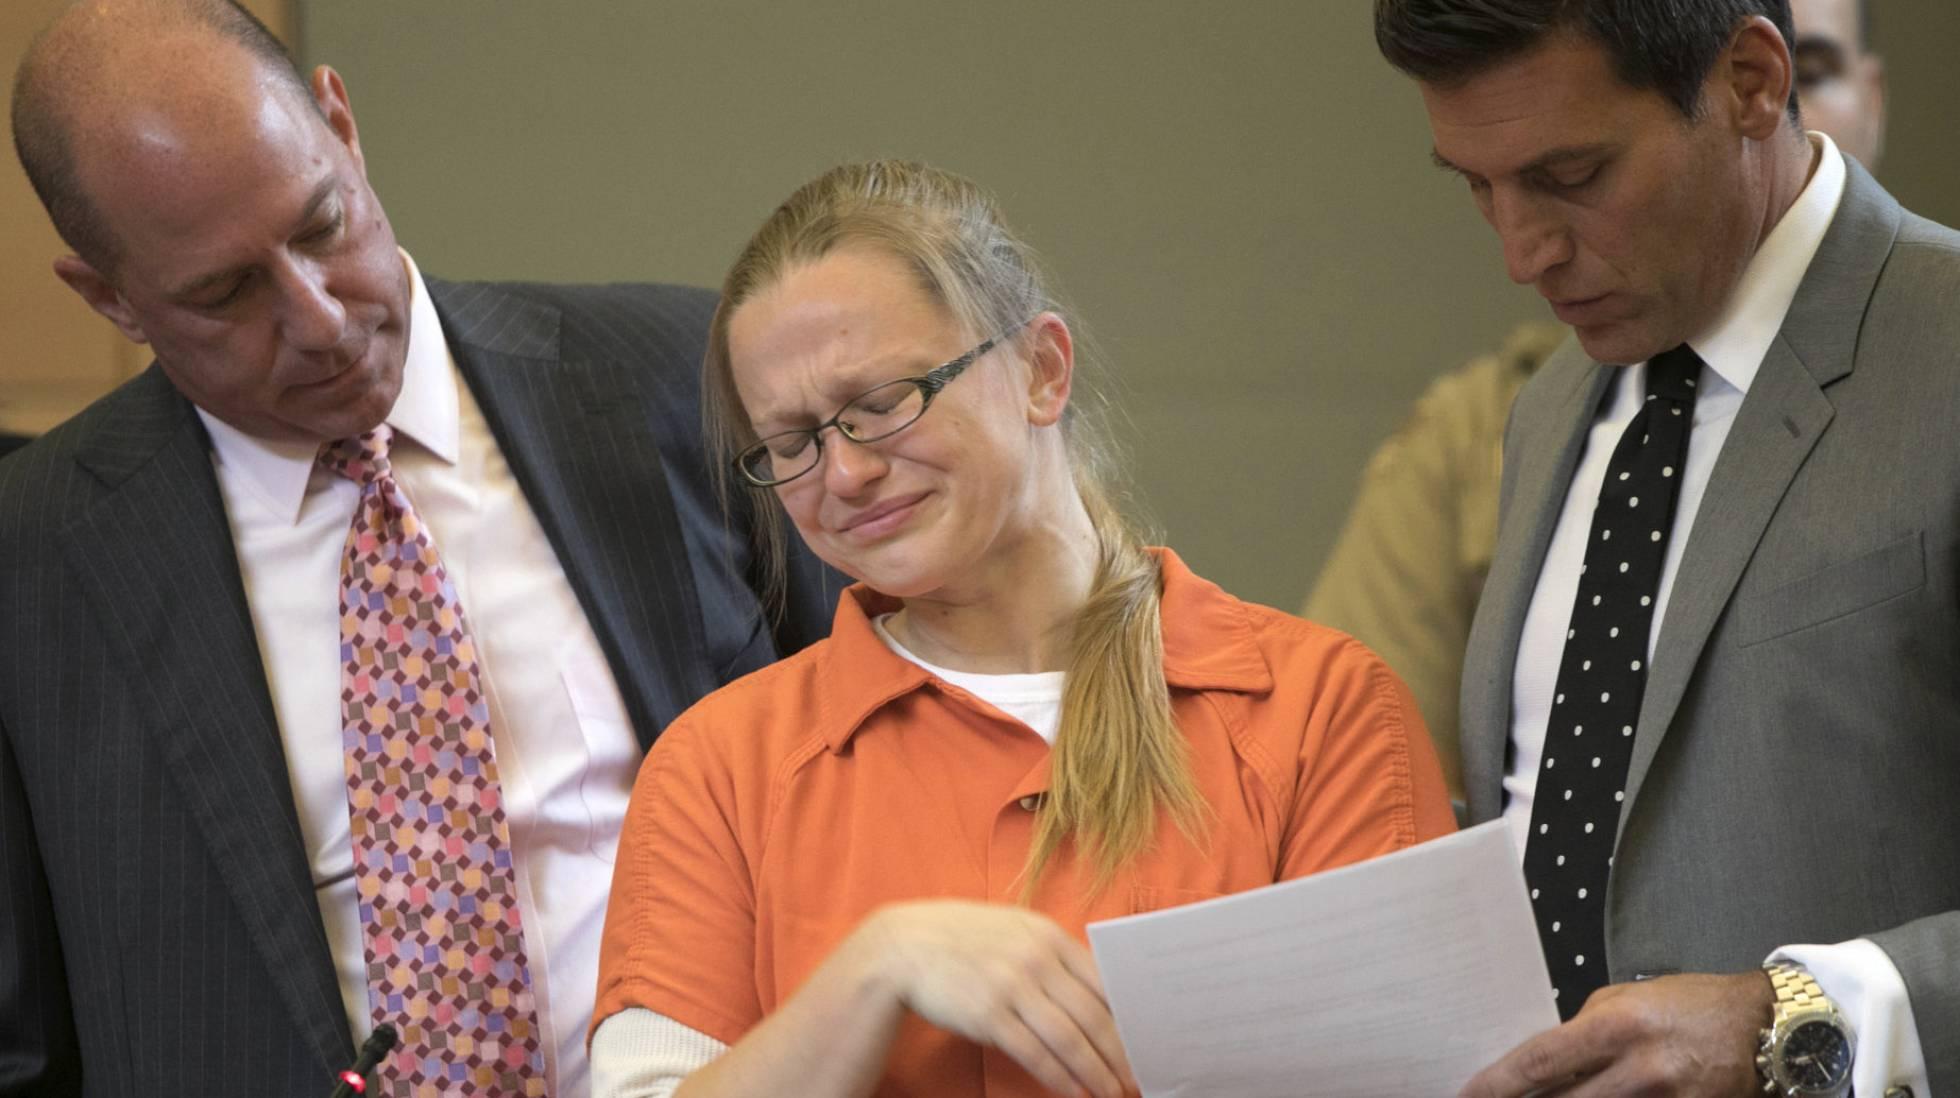 Angelika Graswald hizo un acuerdo con la fiscalía para declararse culpable de homicidio involuntario en lugar de ir a juicio por homicidio intencional (Allyse Pulliam/AP)